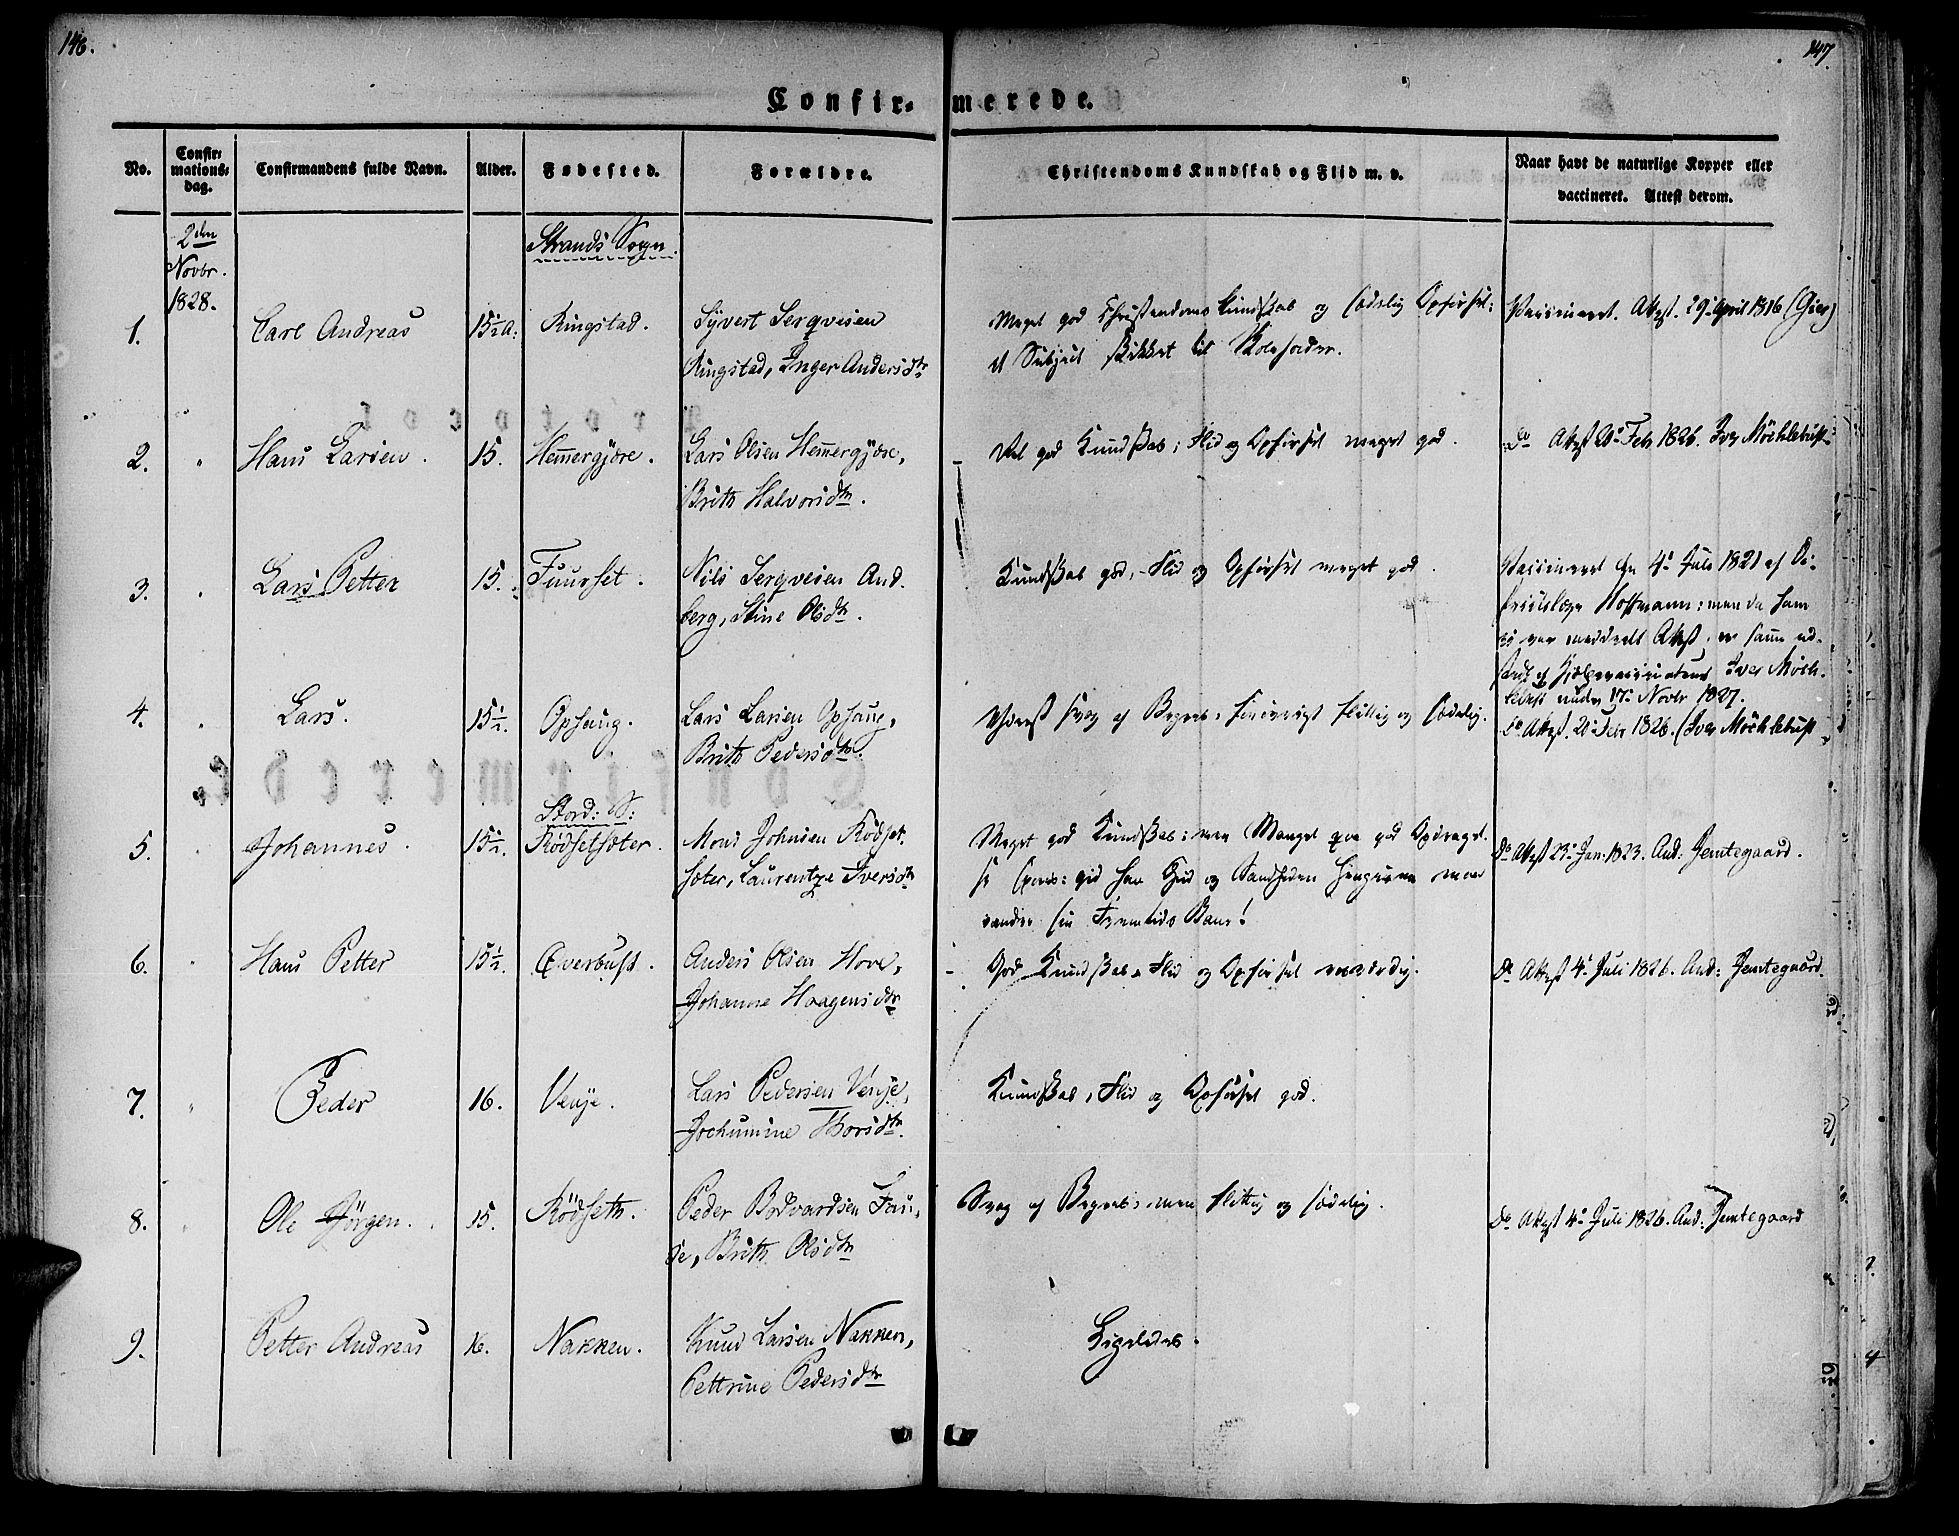 SAT, Ministerialprotokoller, klokkerbøker og fødselsregistre - Møre og Romsdal, 520/L0274: Ministerialbok nr. 520A04, 1827-1864, s. 146-147